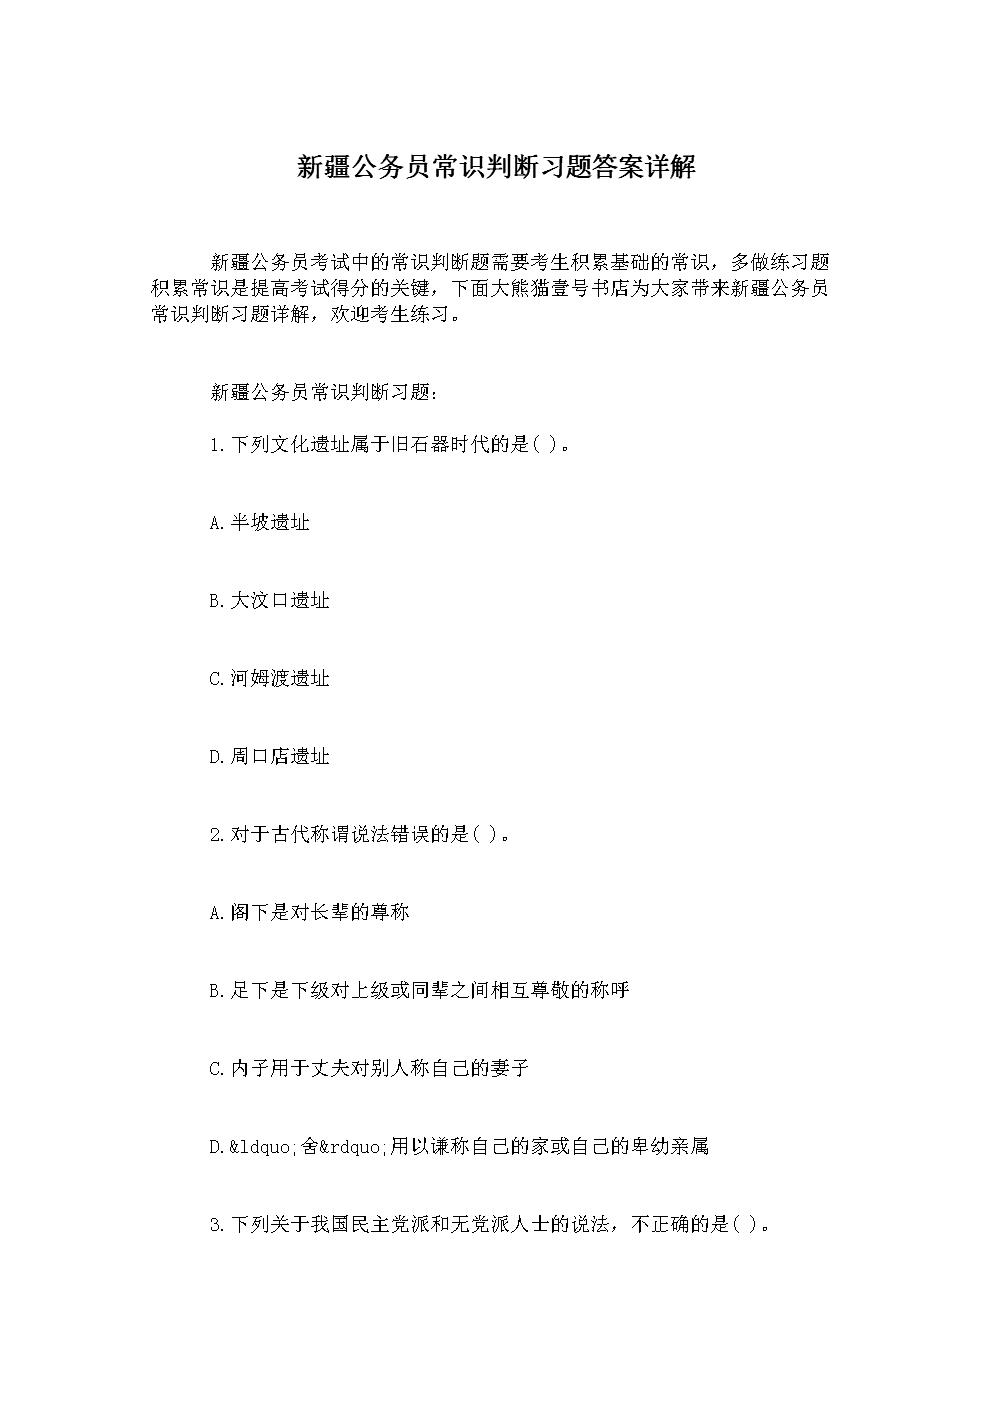 新疆公务员常识判断习题答案详解.doc